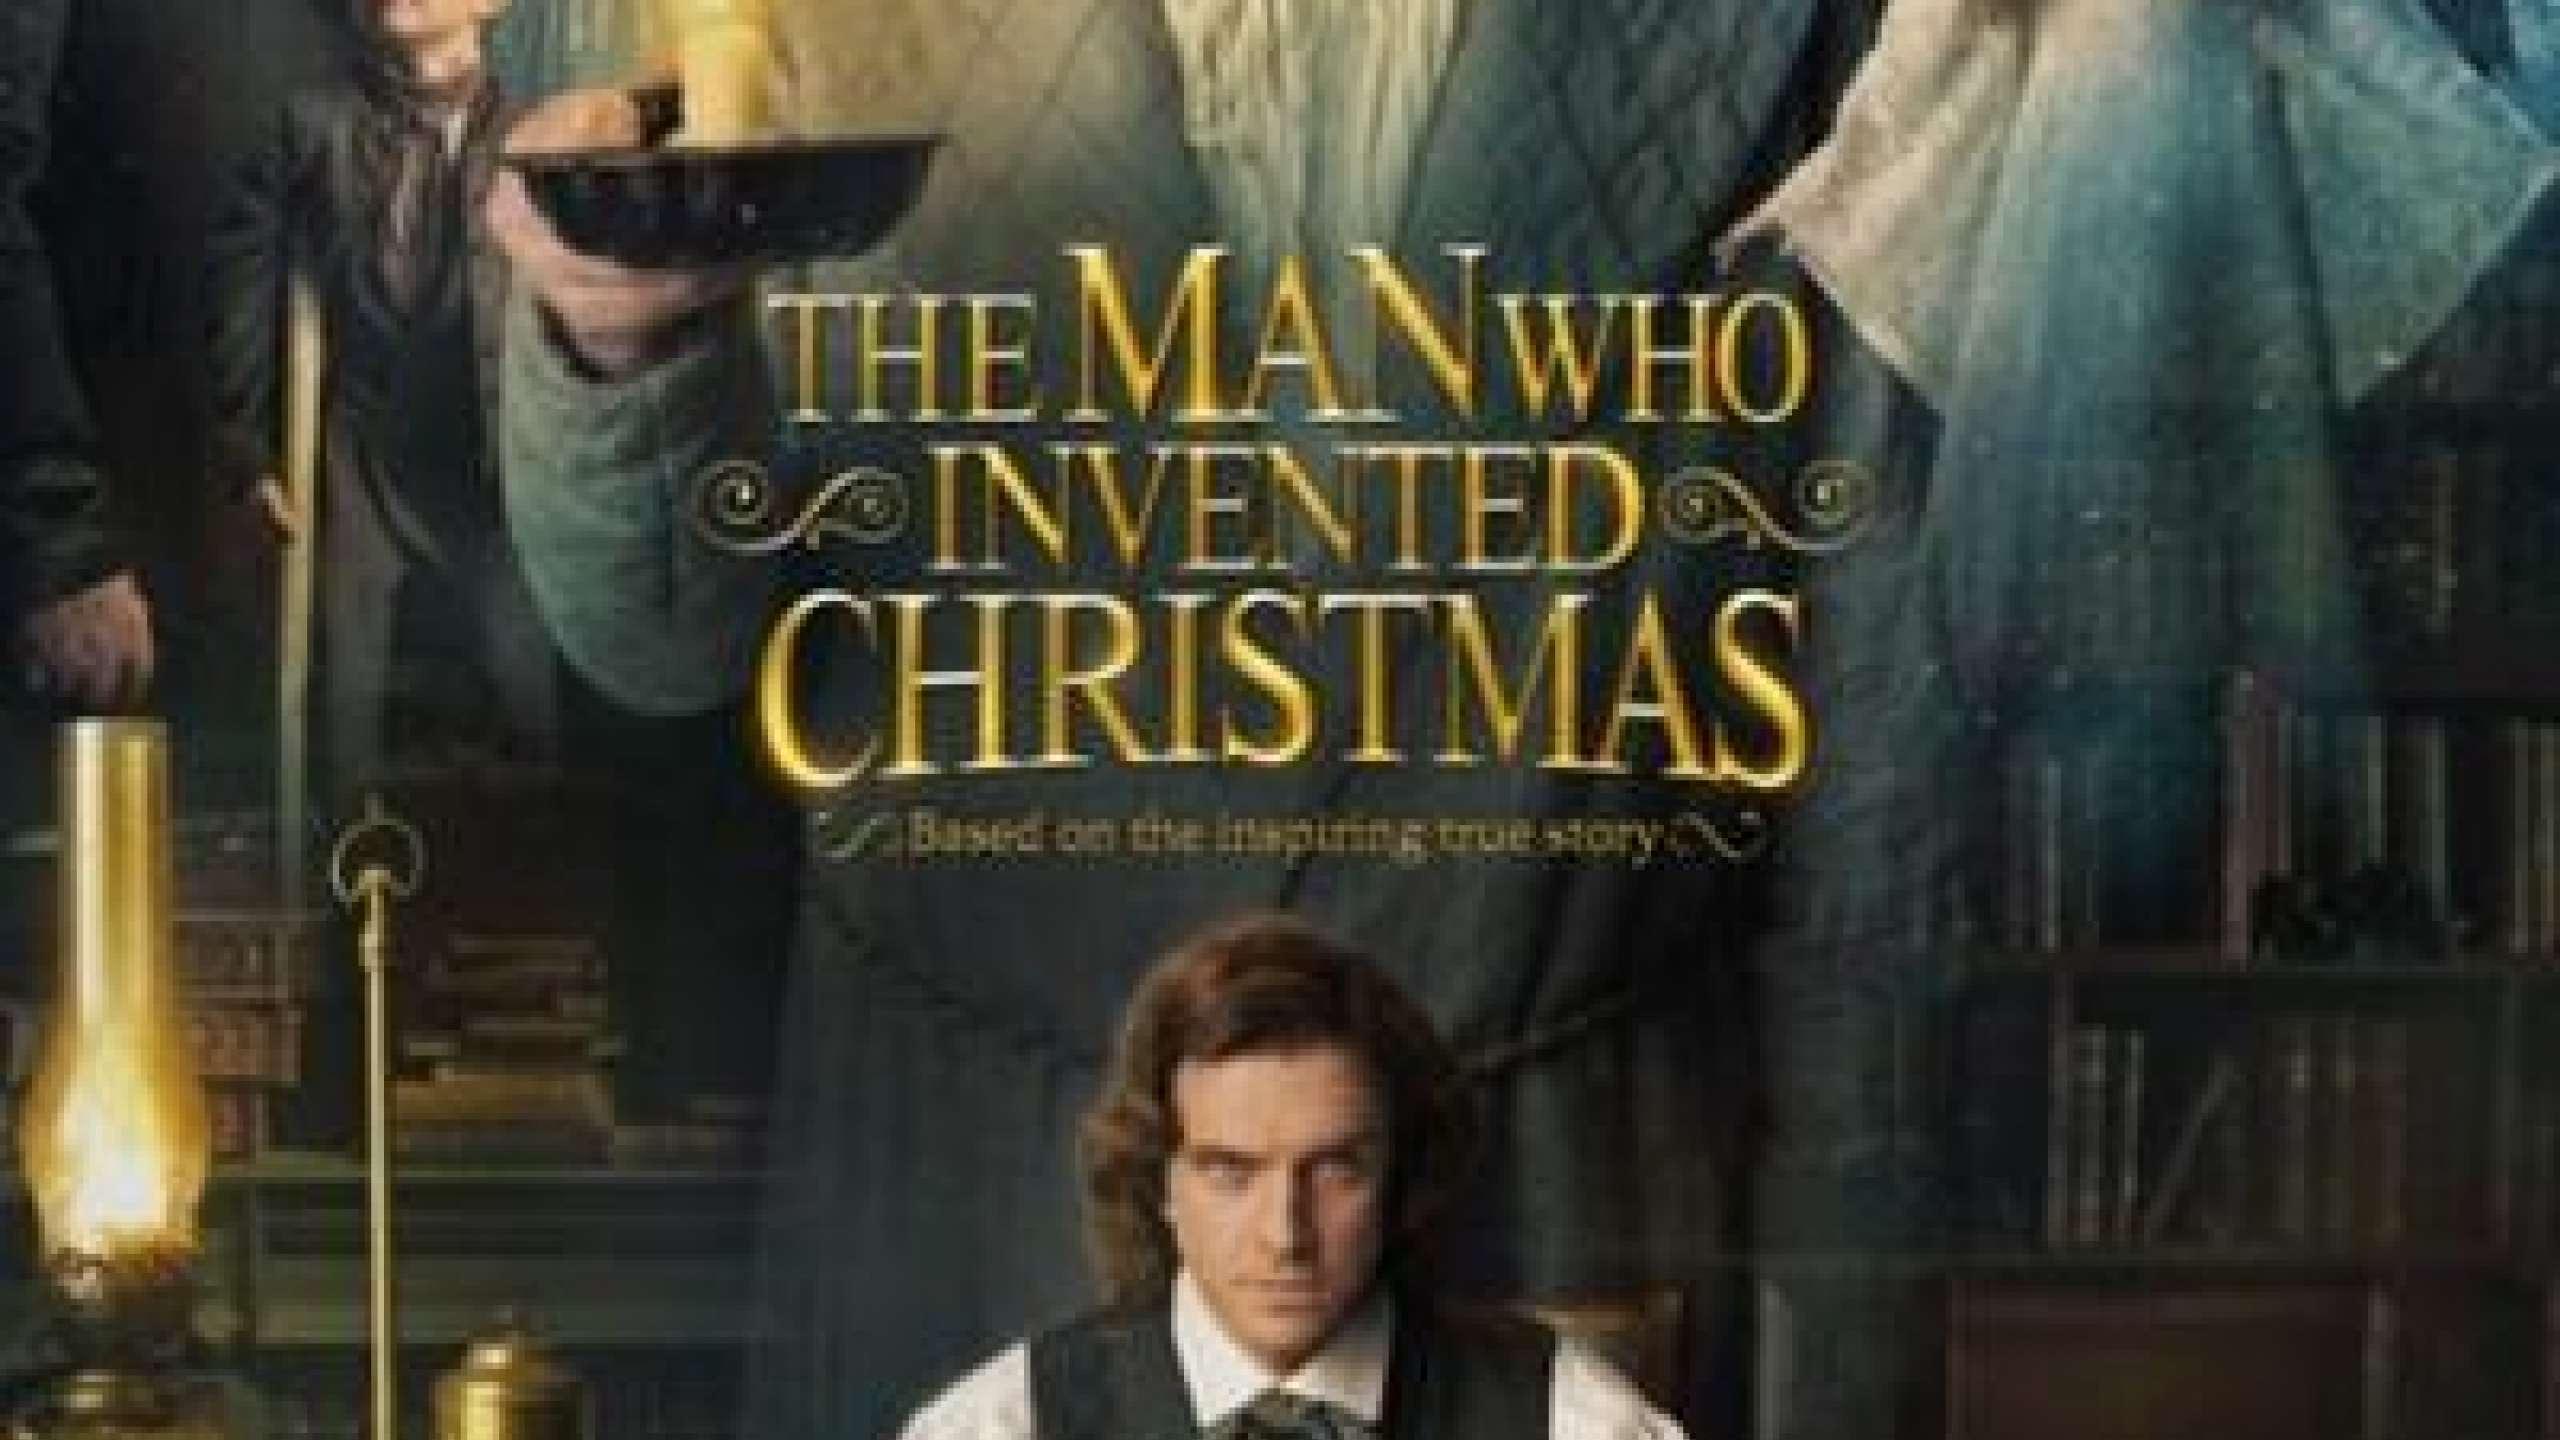 Der Mann Der Weihnachten Erfand